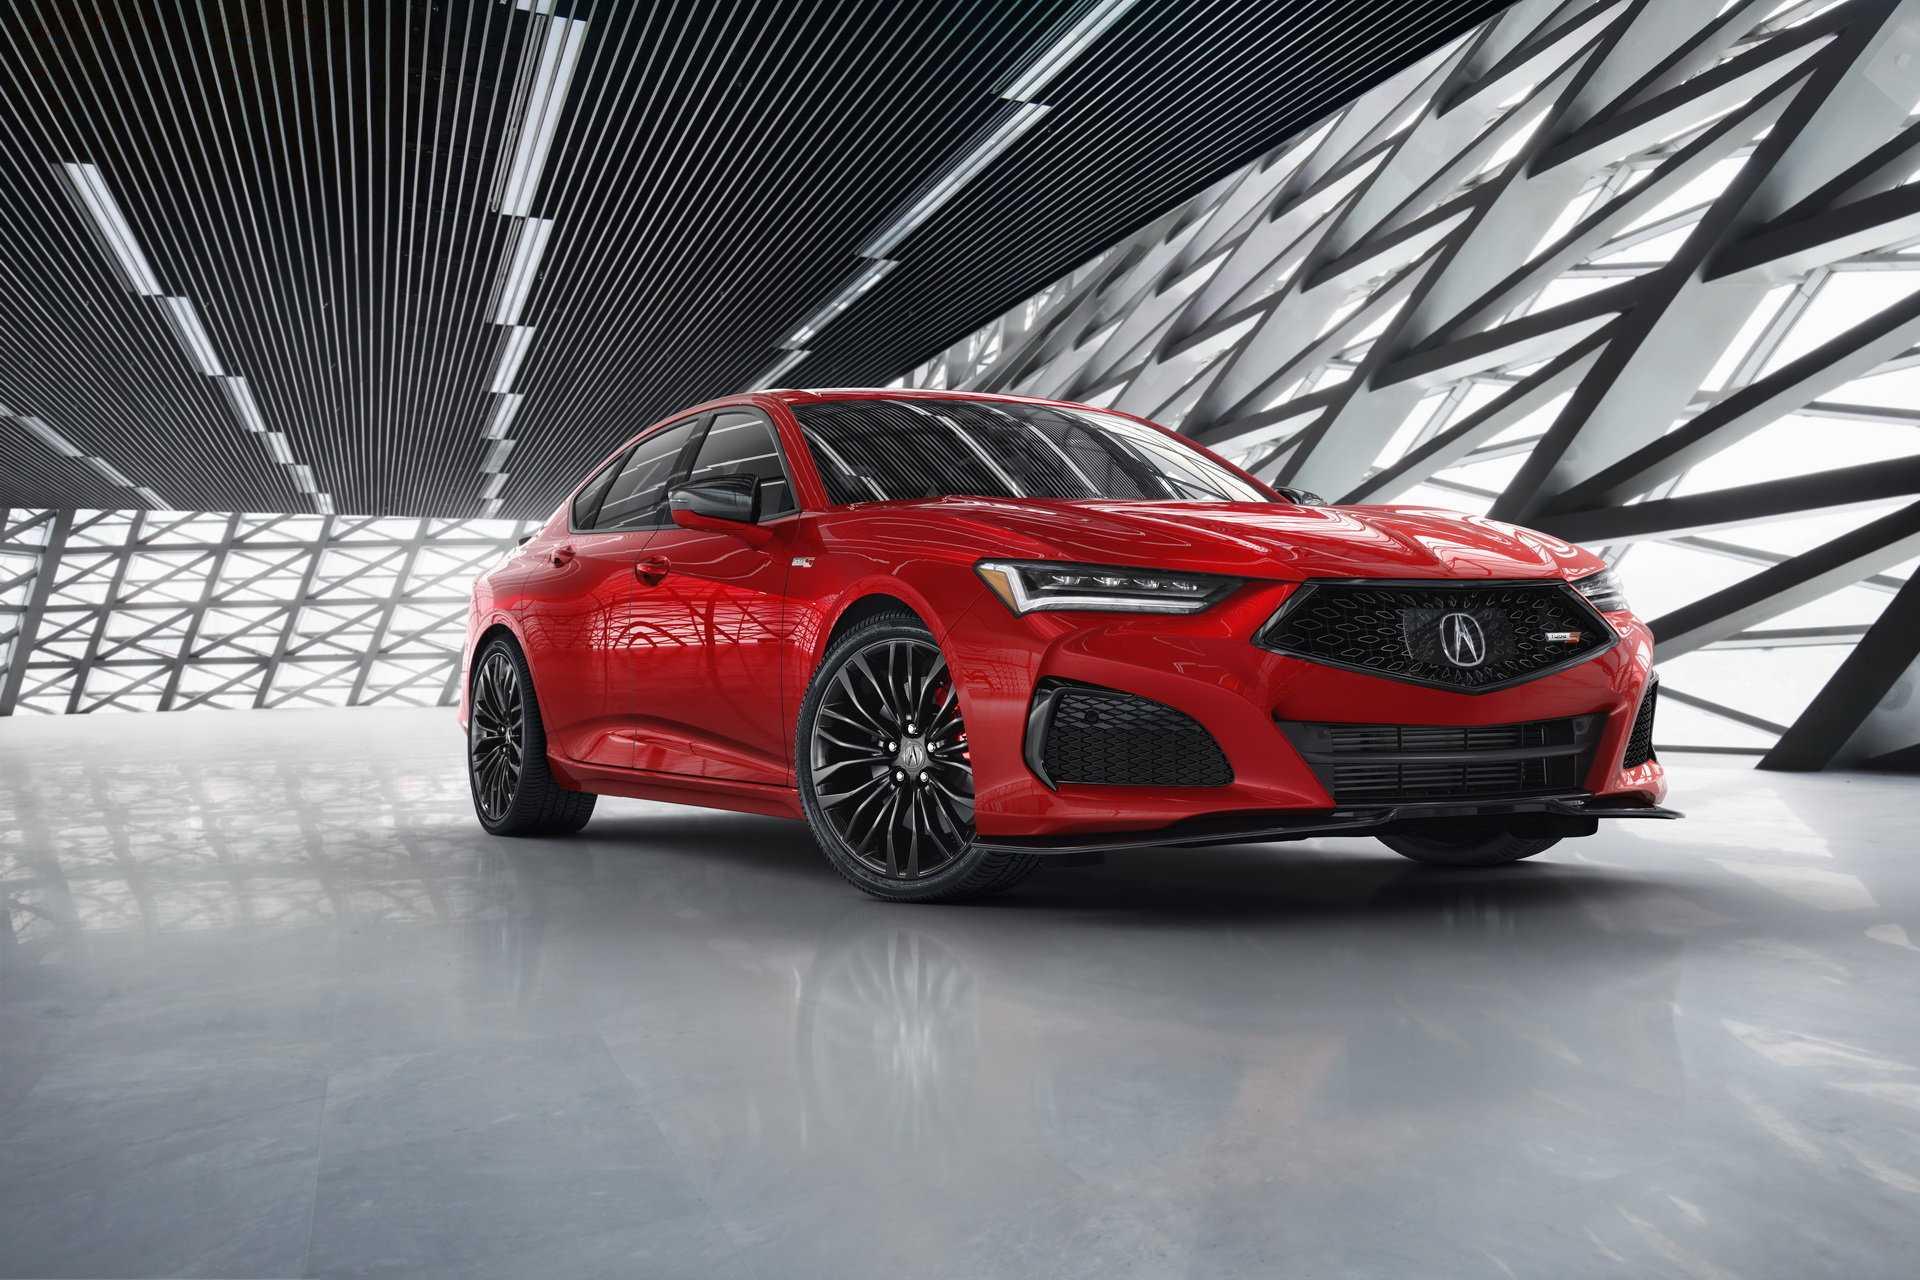 Новый Acura TLX готовится к продажам уже в сентябре а вот заряженный TLX Type S появится только весной 2021 года